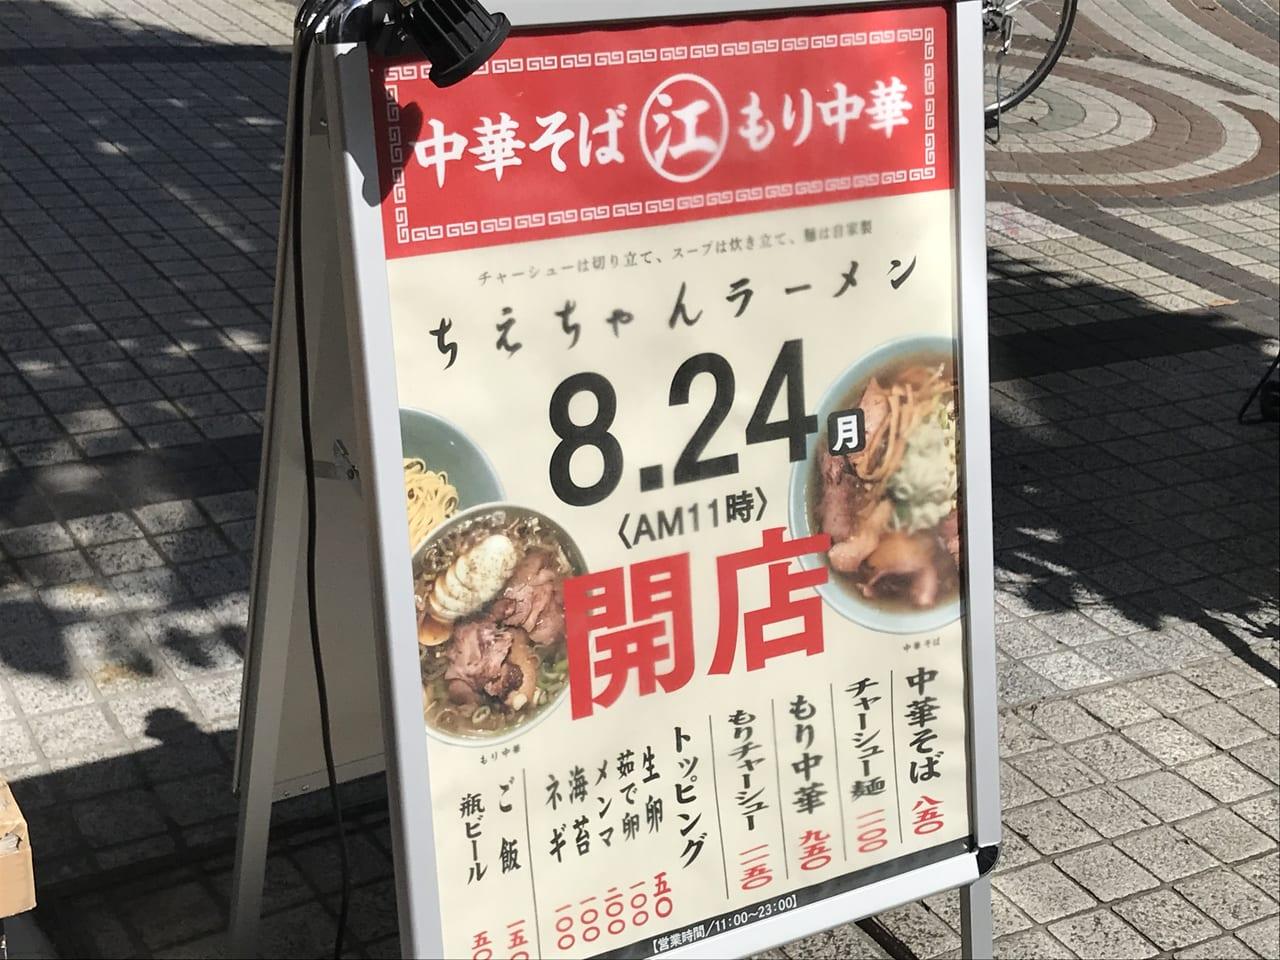 ちえちゃんラーメン3